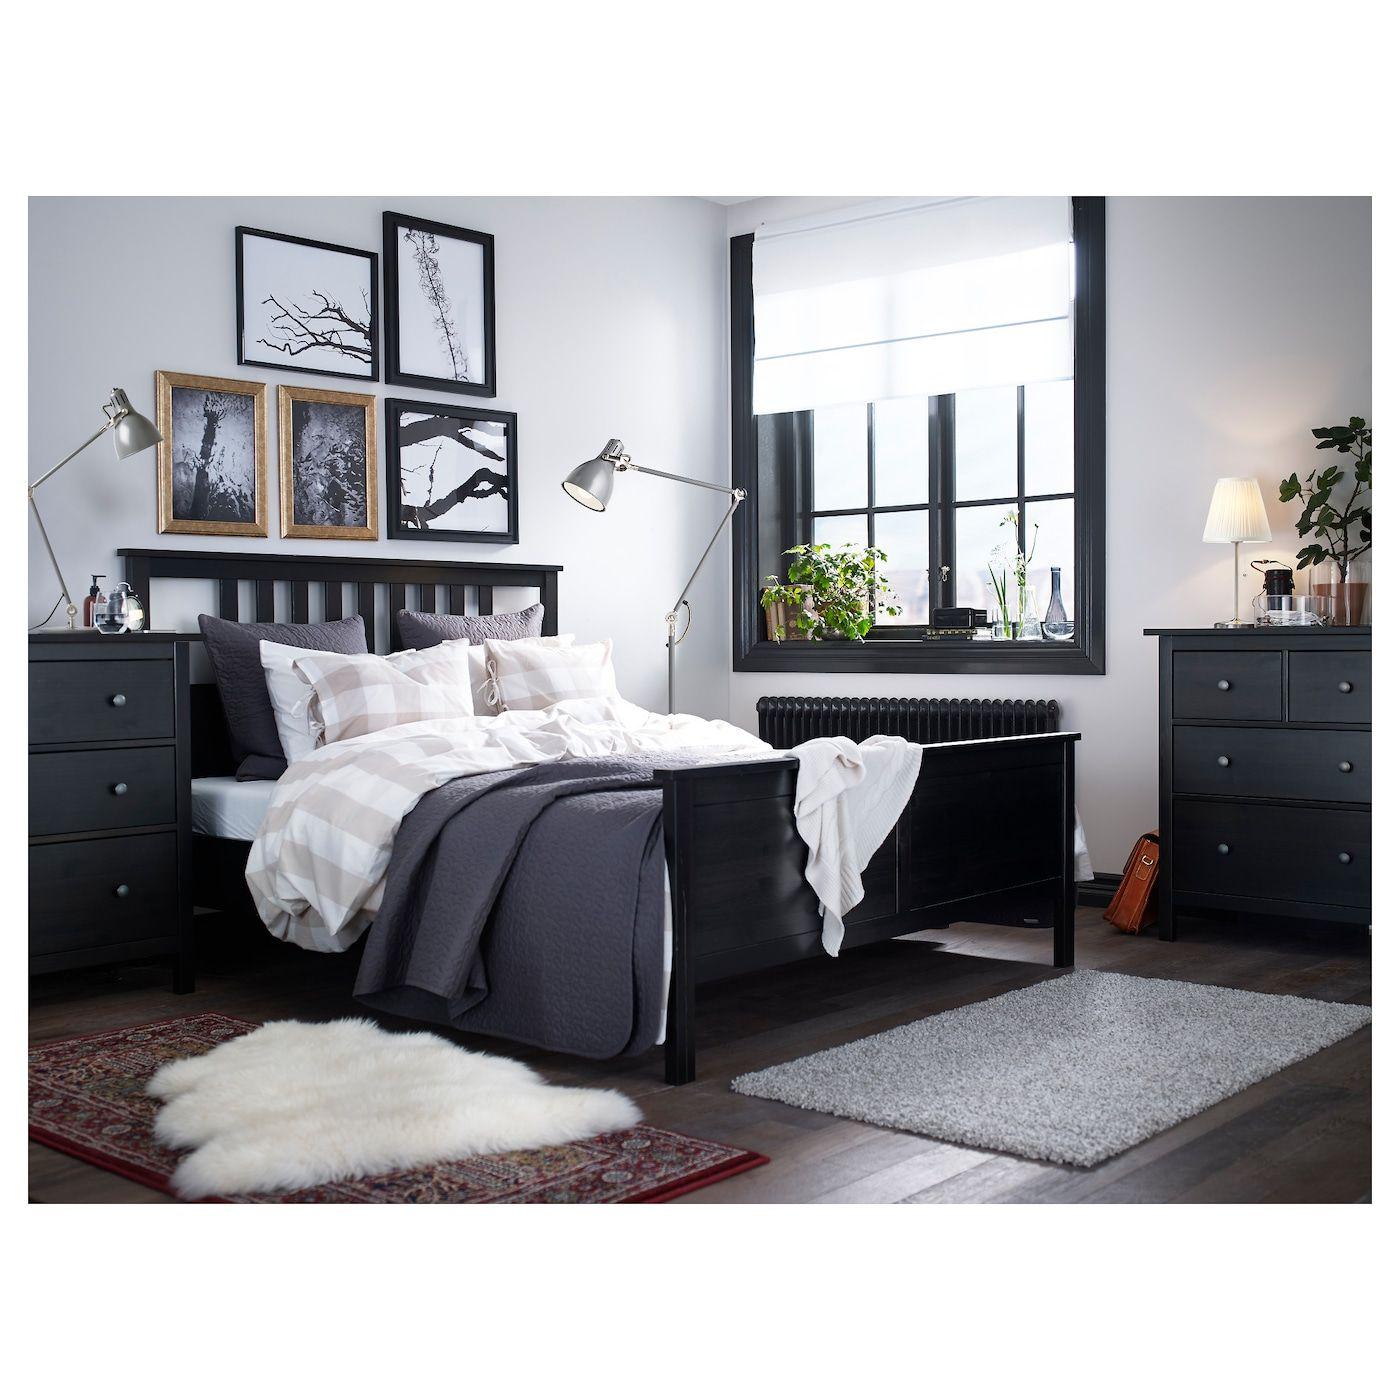 Hemnes Bettgestell Schwarzbraun Leirsund Ikea Osterreich In 2020 Ikea Bedroom Furniture Ikea Hemnes Bed Hemnes Bed